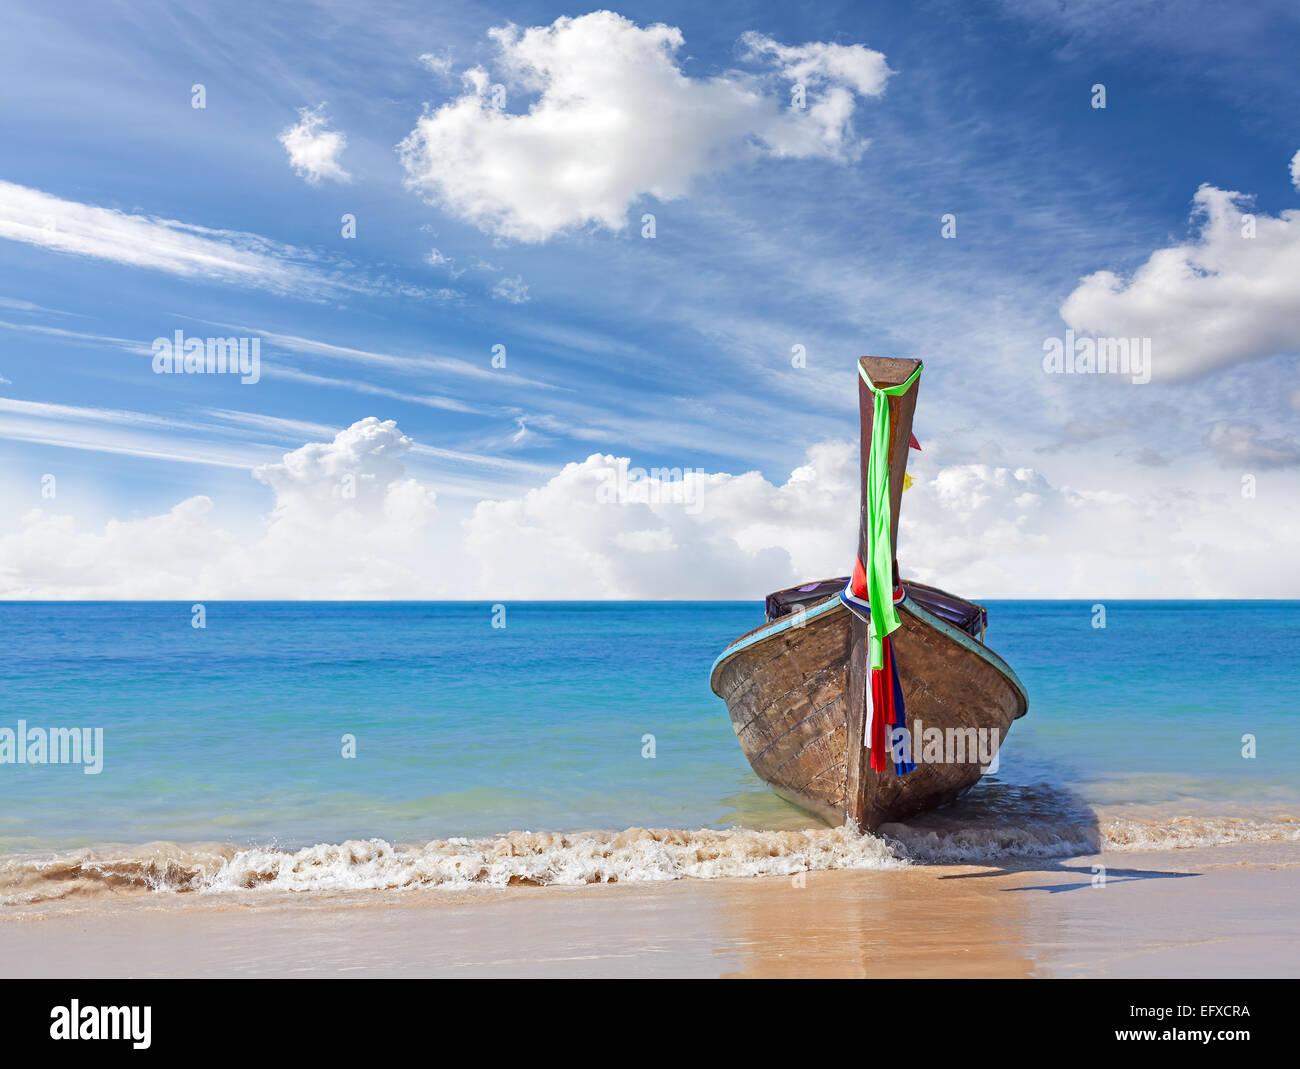 Barco de madera en la playa prístina, la naturaleza de fondo. Imagen De Stock